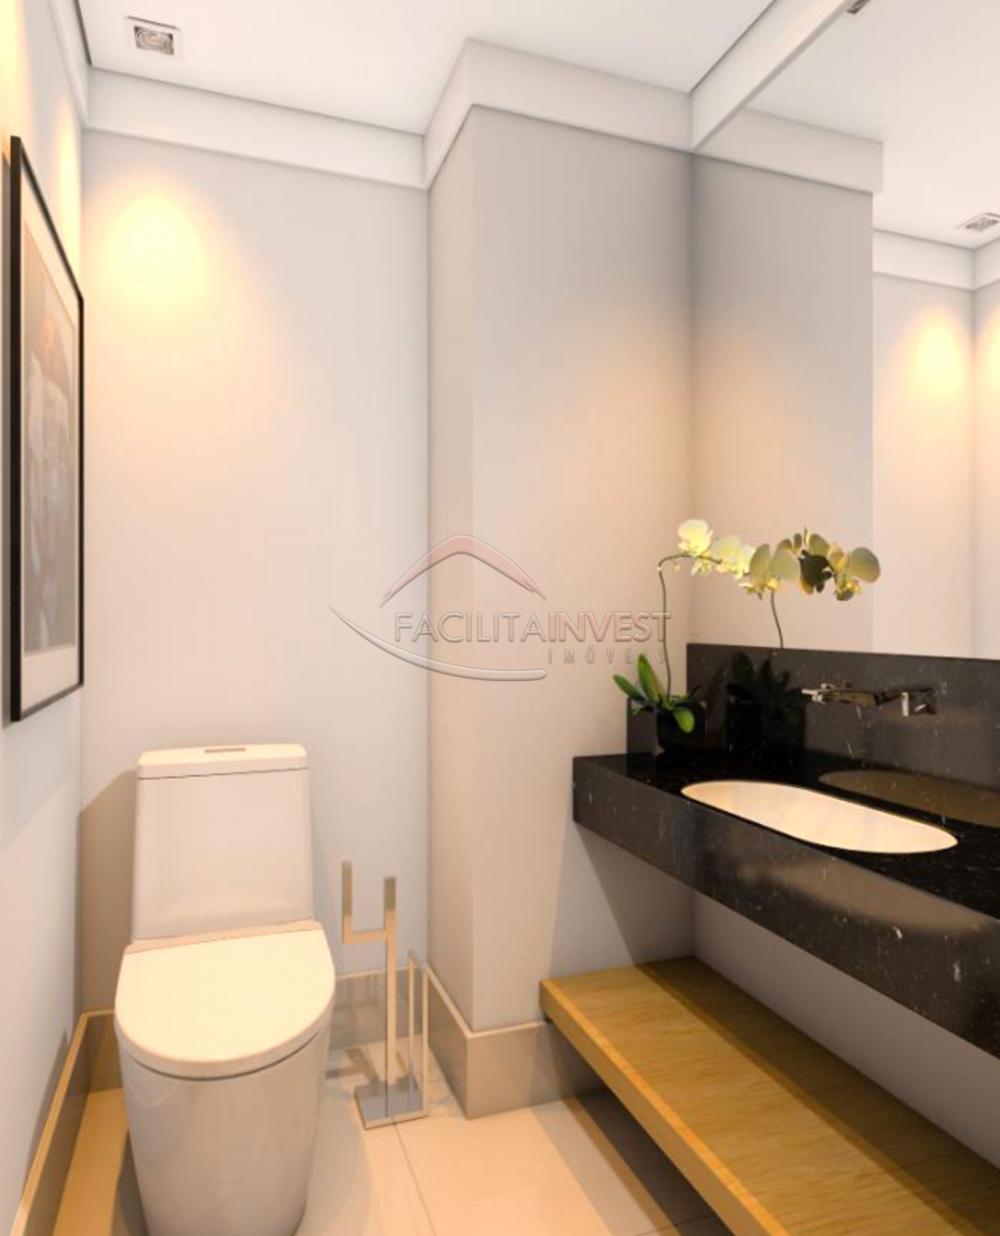 Comprar Lançamentos/ Empreendimentos em Construç / Apartamento padrão - Lançamento em Ribeirão Preto apenas R$ 586.718,00 - Foto 5